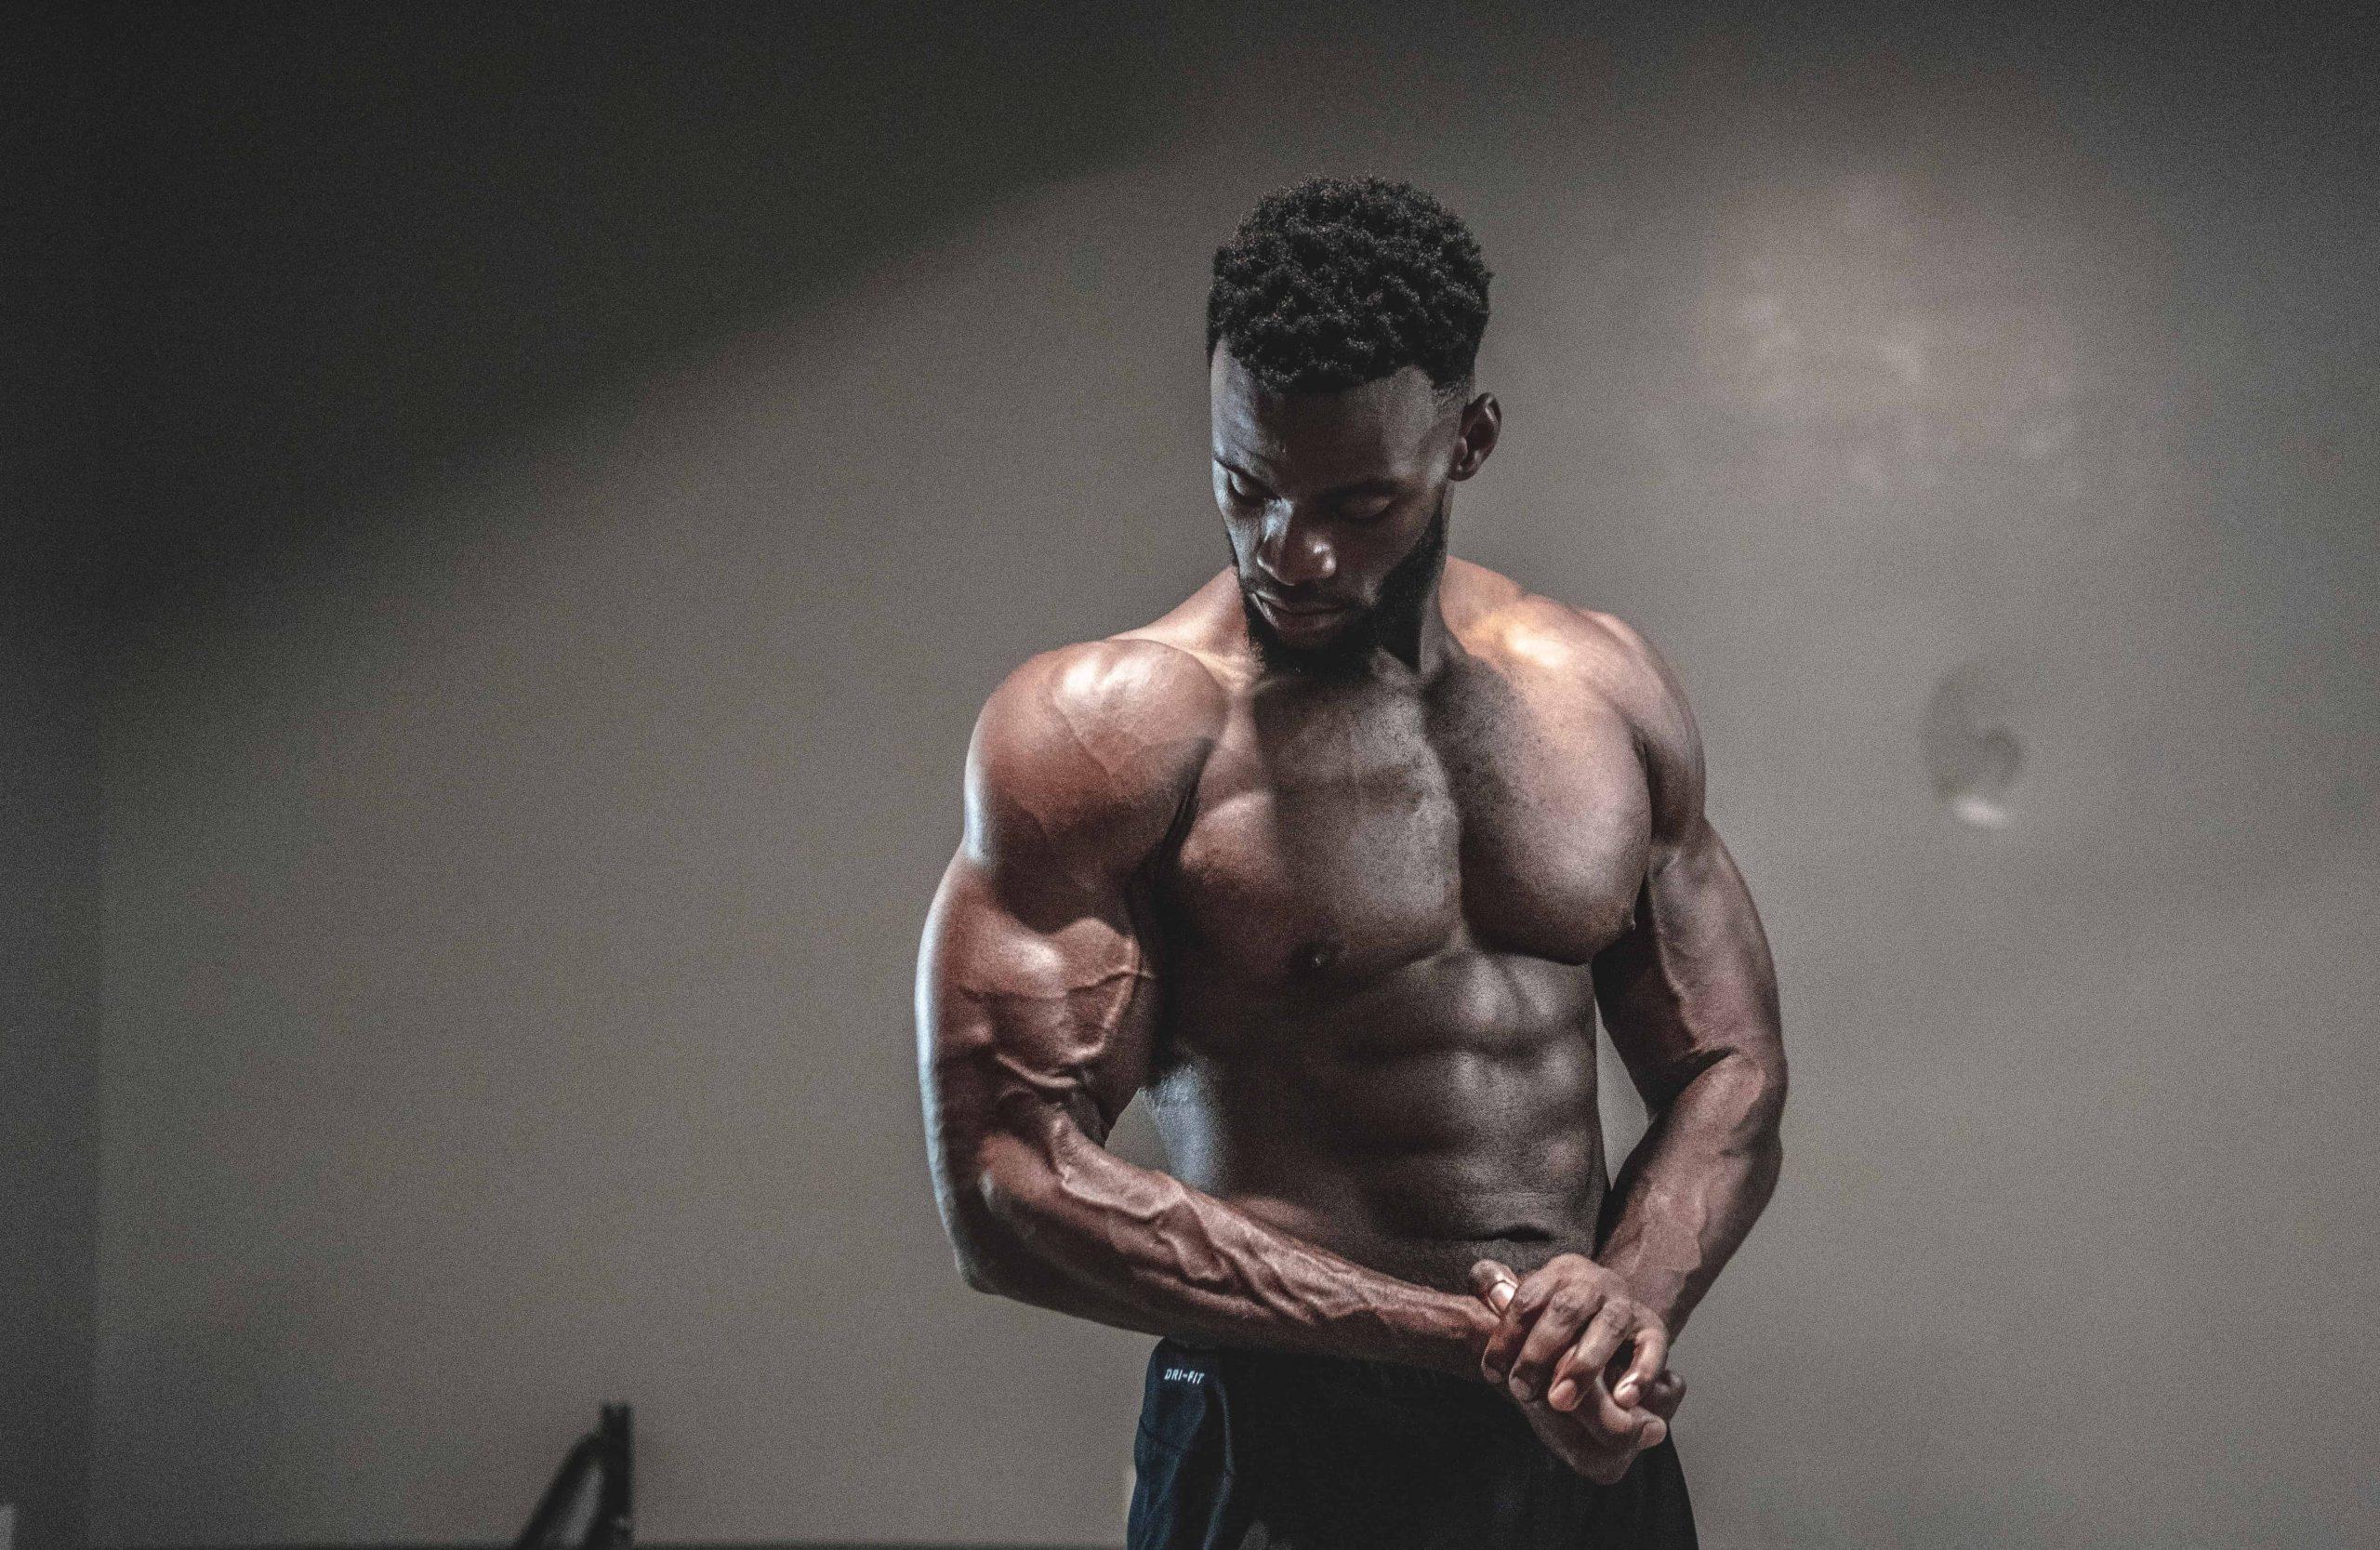 Supplemente für den Muskelaufbau: Test, Wirkung, Anwendung & Studien (10/20)